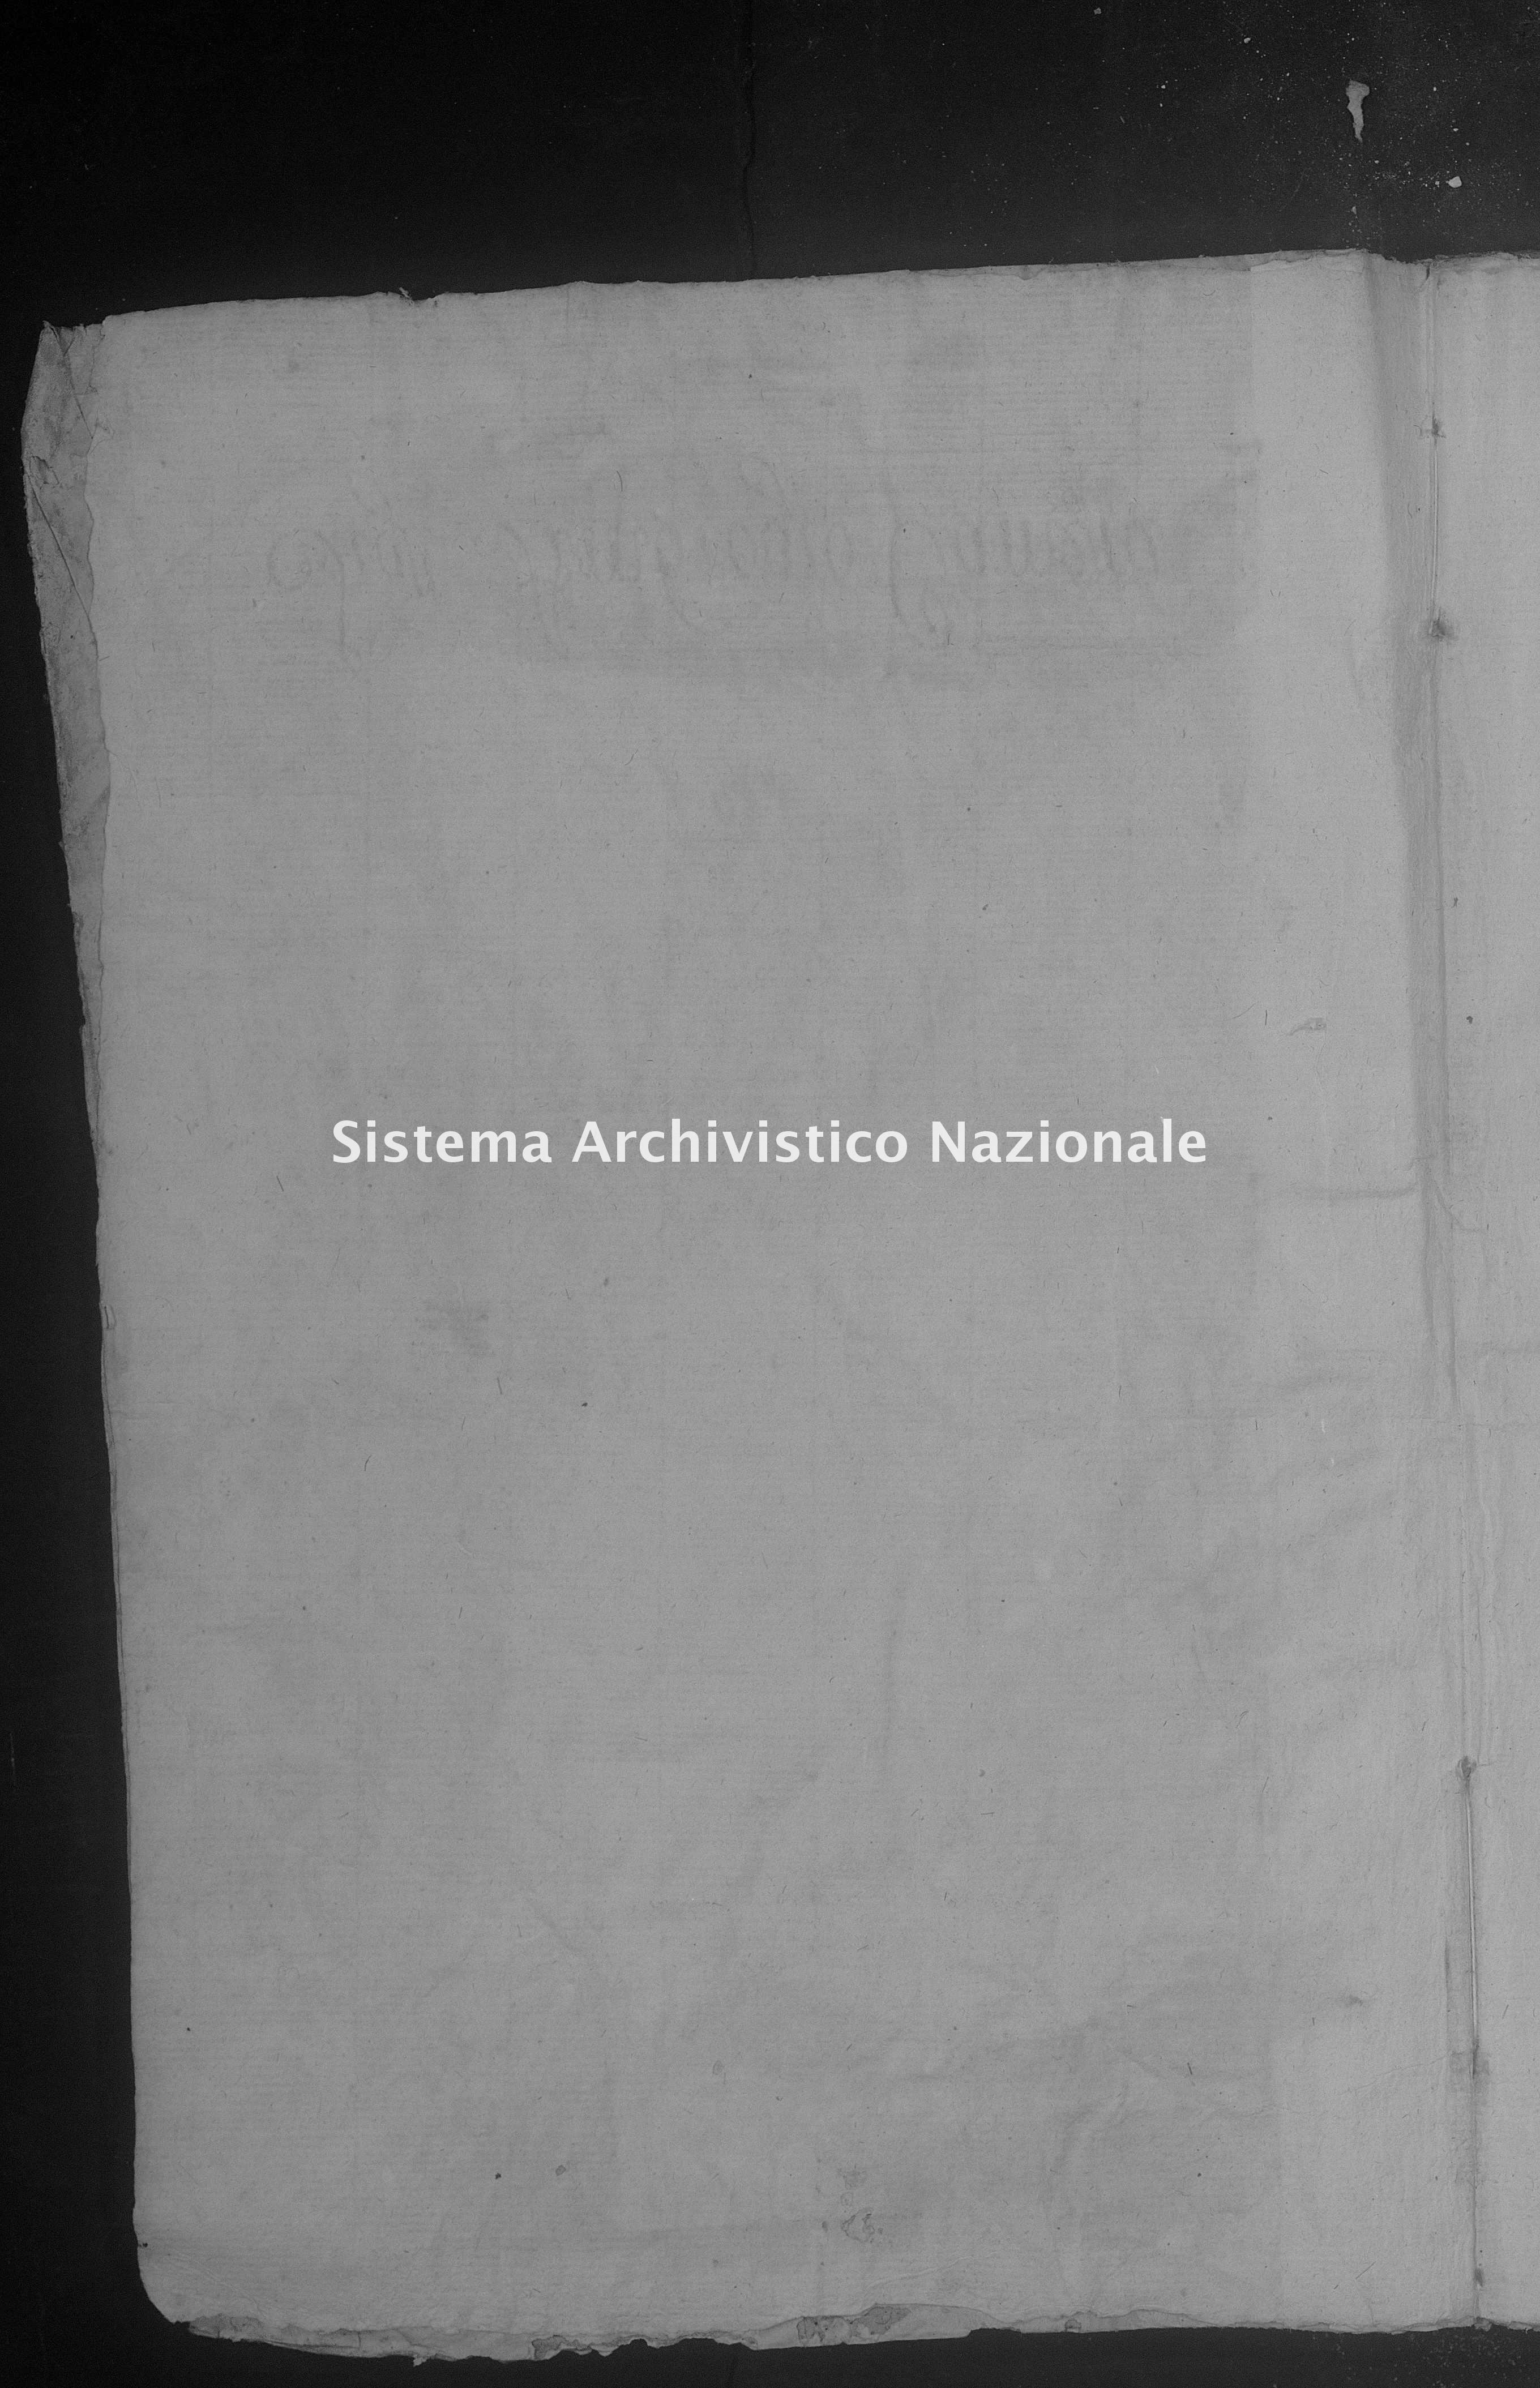 Archivio di stato di Taranto - Atti dello Stato Civile del Distretto giudiziario di Taranto - Castellaneta - Diversi - 1863 - 2 -